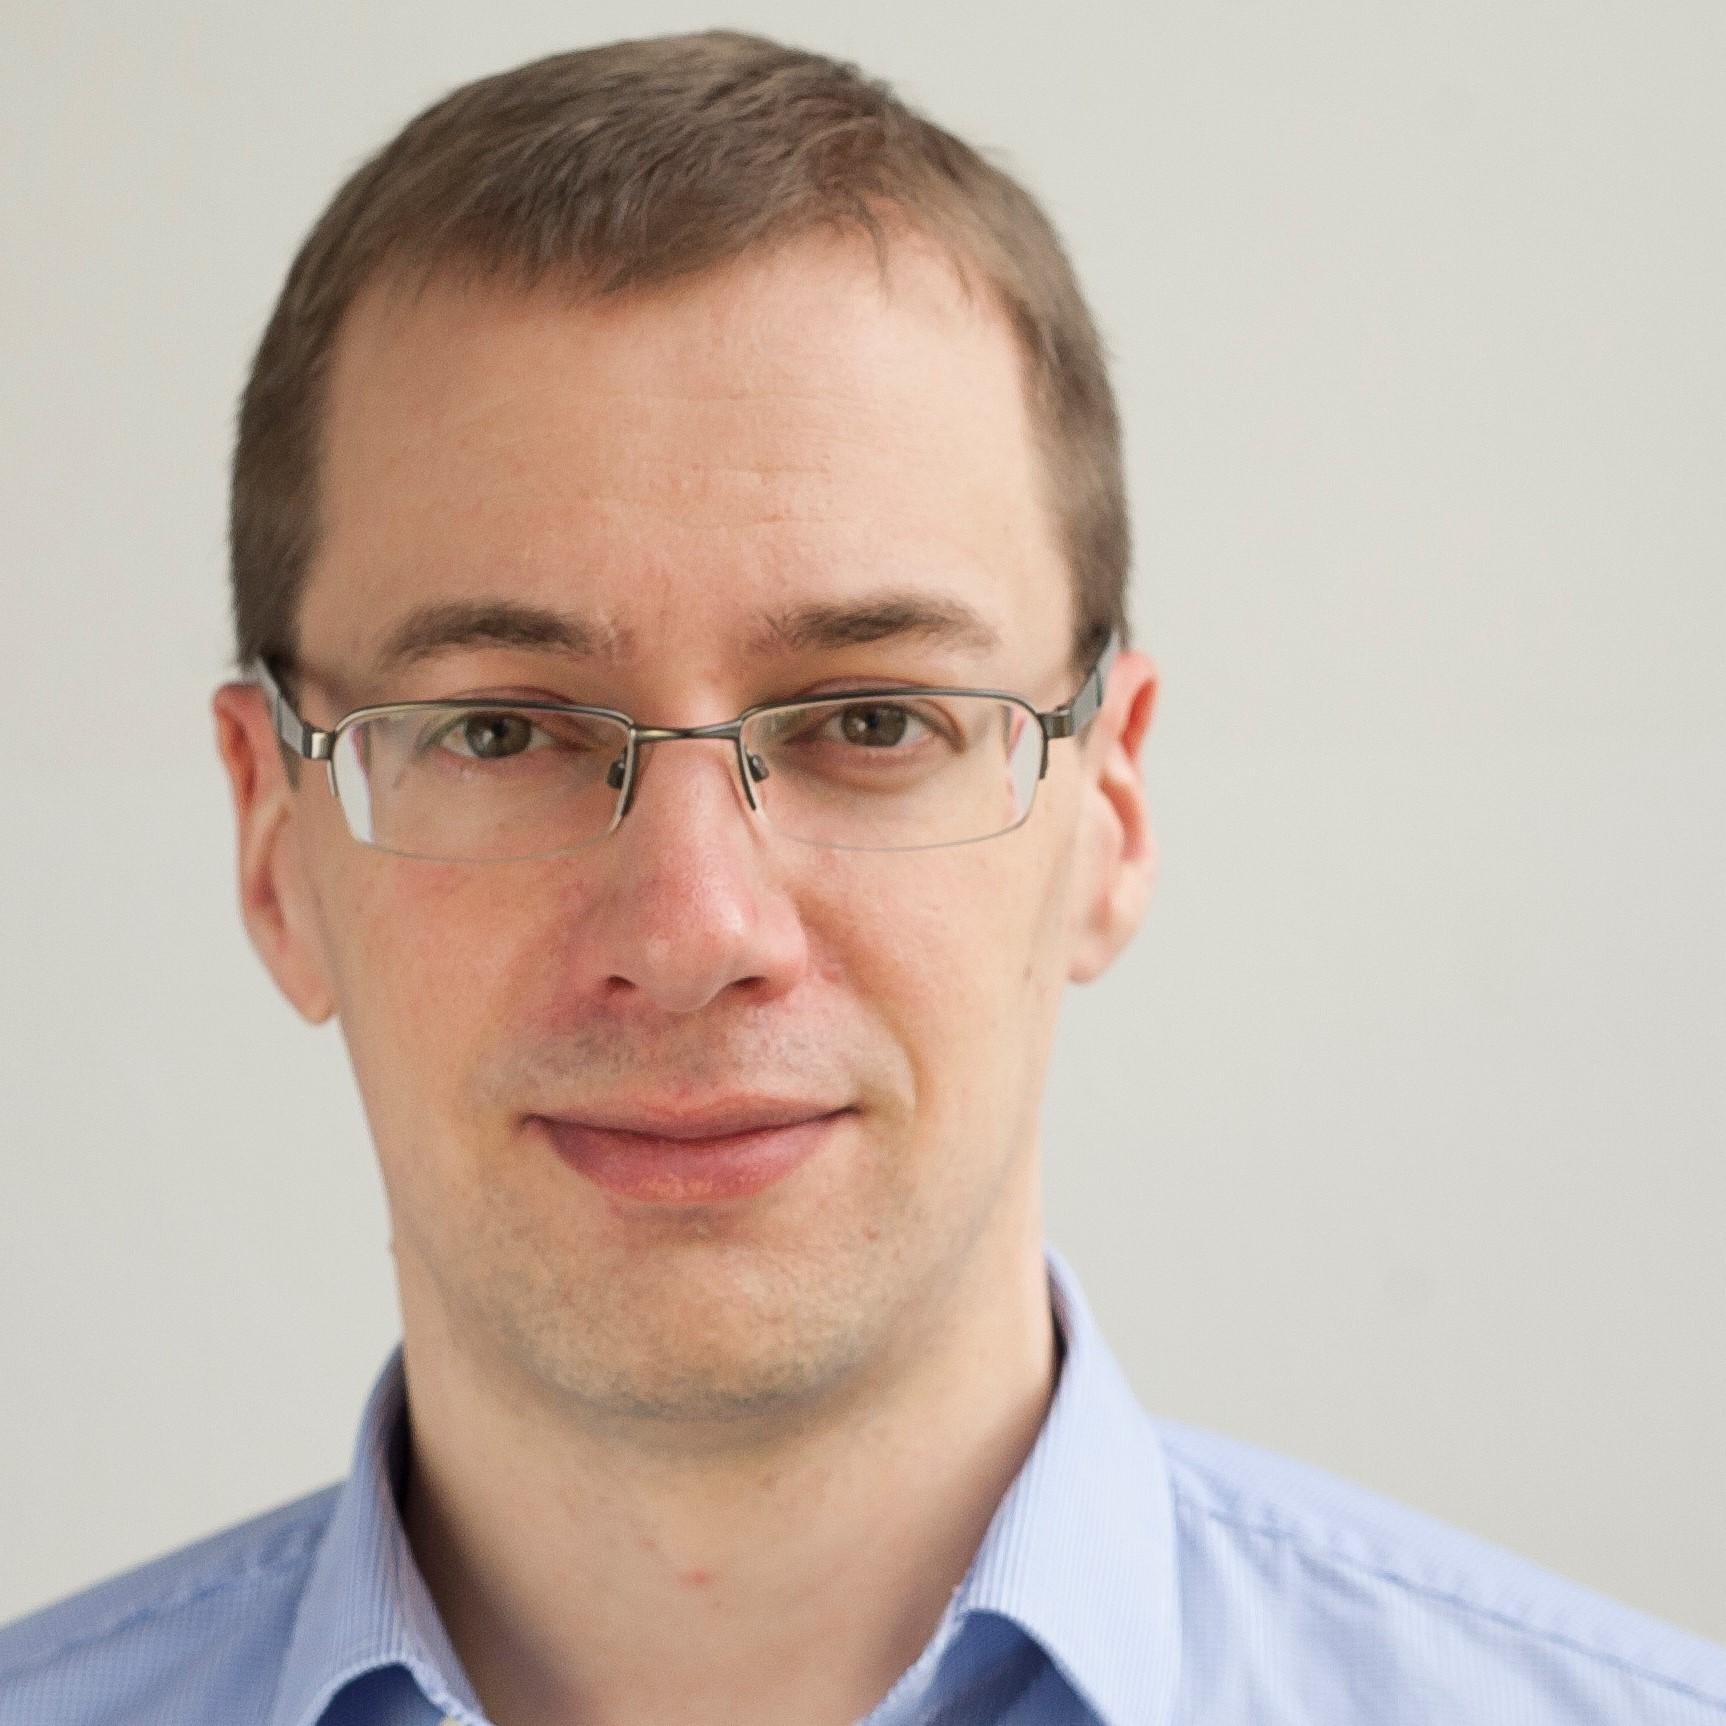 Jonas Oppenlaender : Doctoral student